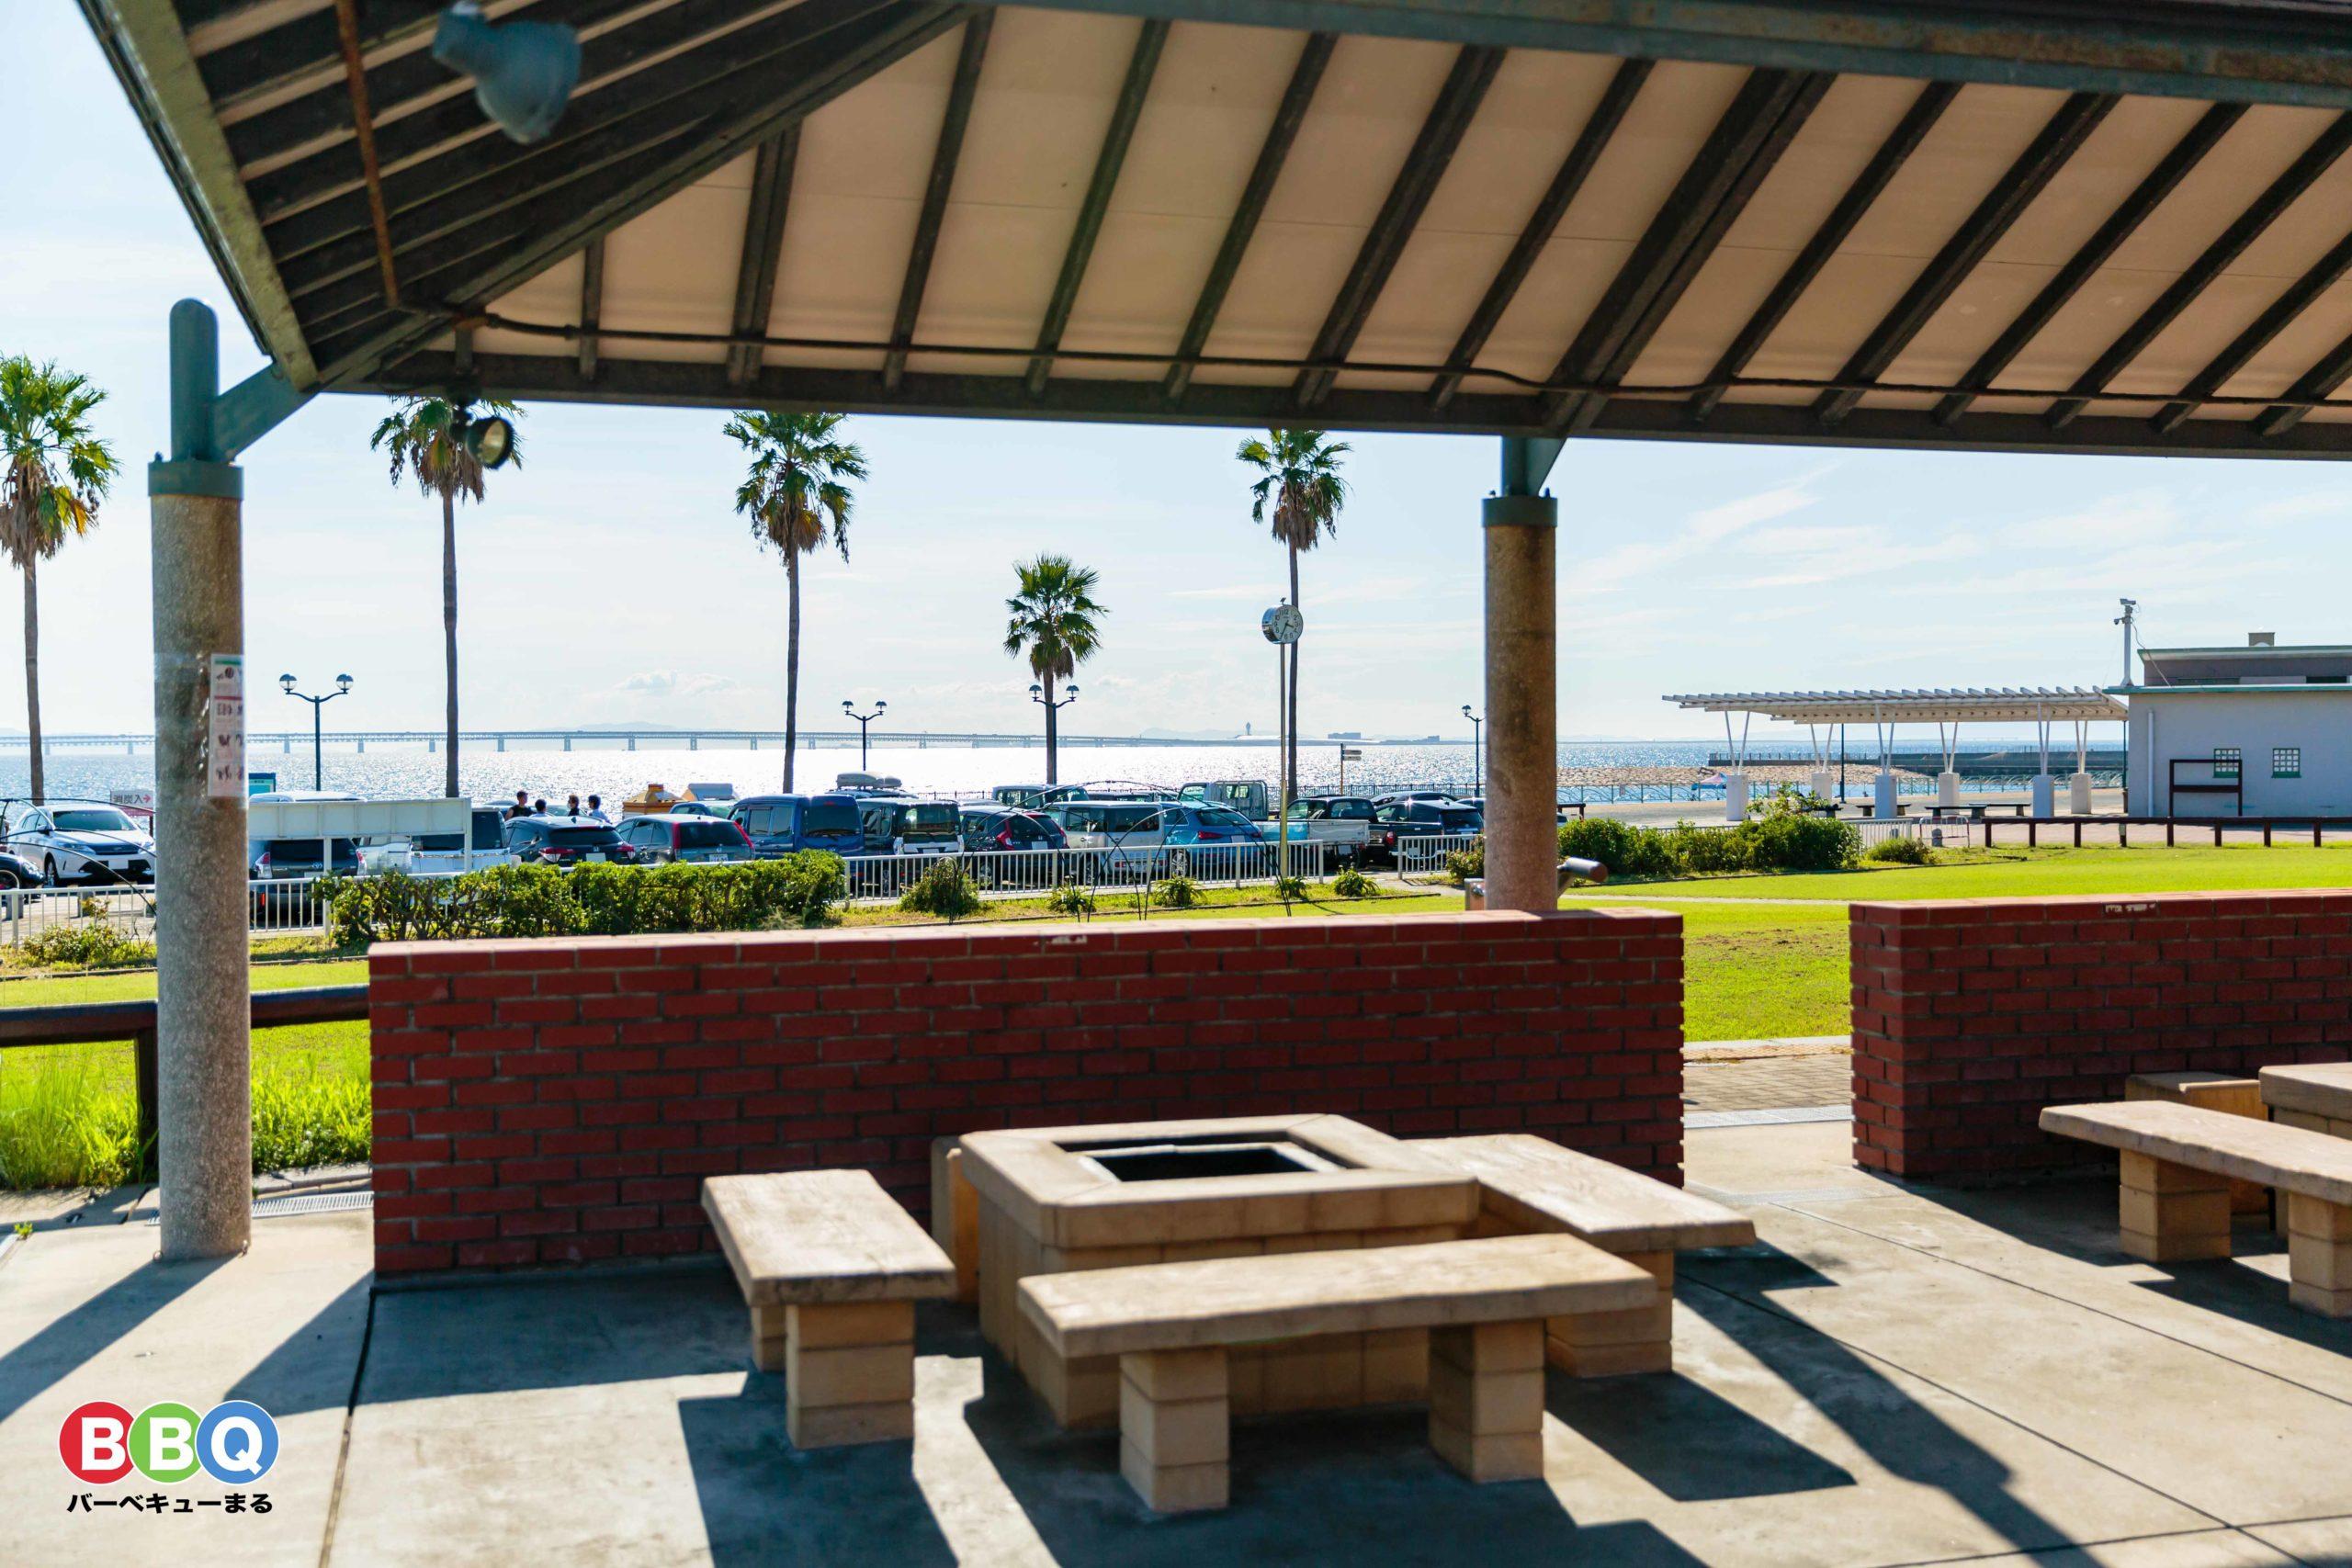 二色の浜公園海浜緑地有料BBQ施設からの眺め